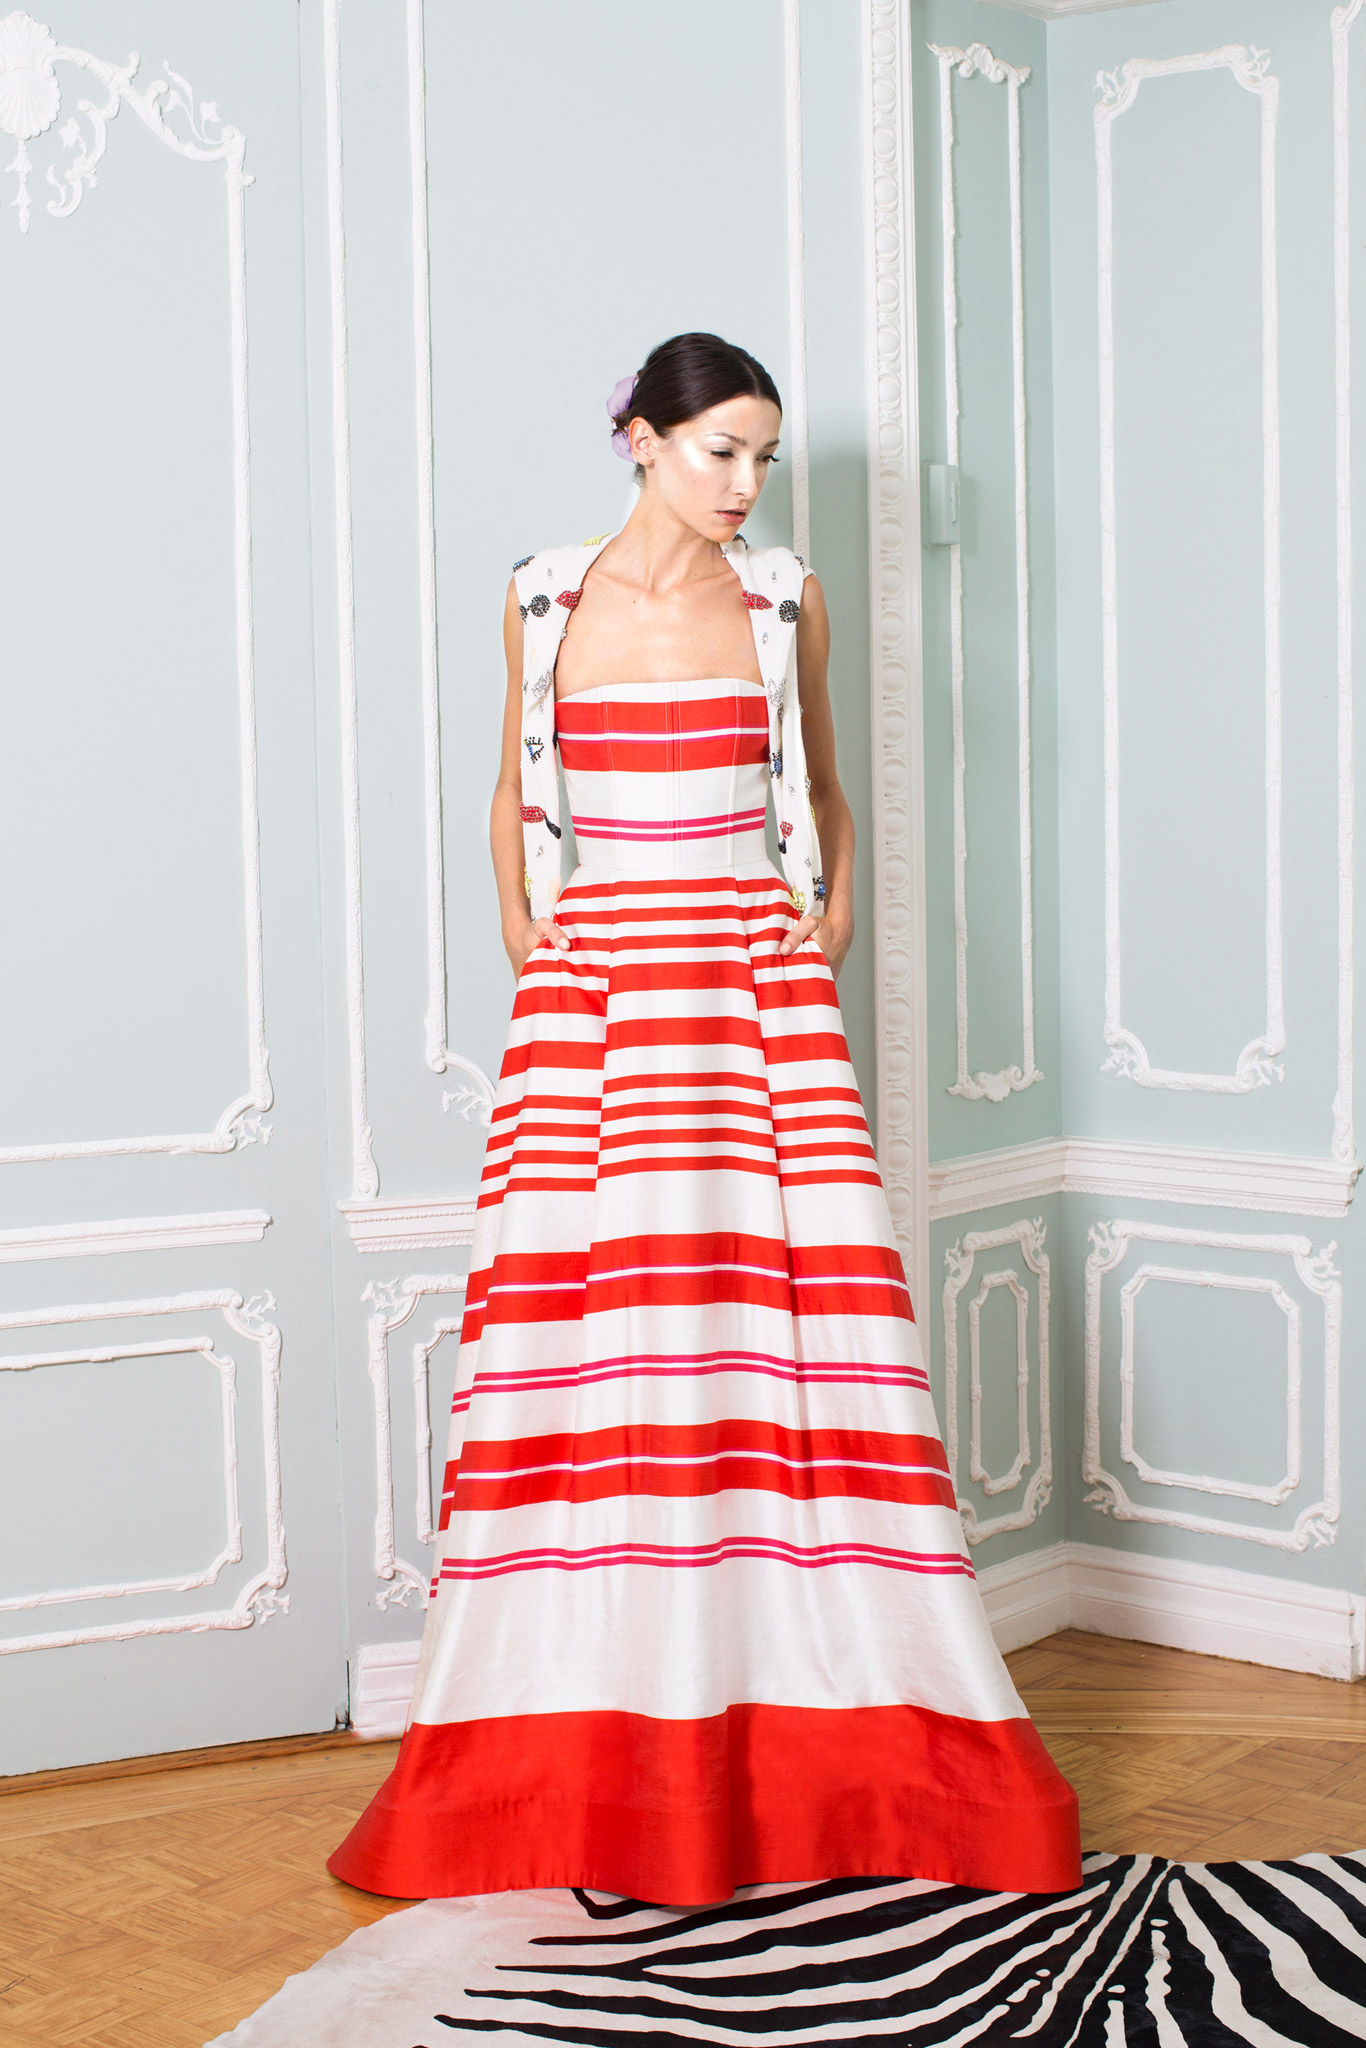 Už máte svoje plesové šaty 2015  Alebo stále hľadáte inšpiráciu  Plesová  sezóna je za dverami a teraz sa môžete pozrieť na večerné šaty 63762051907